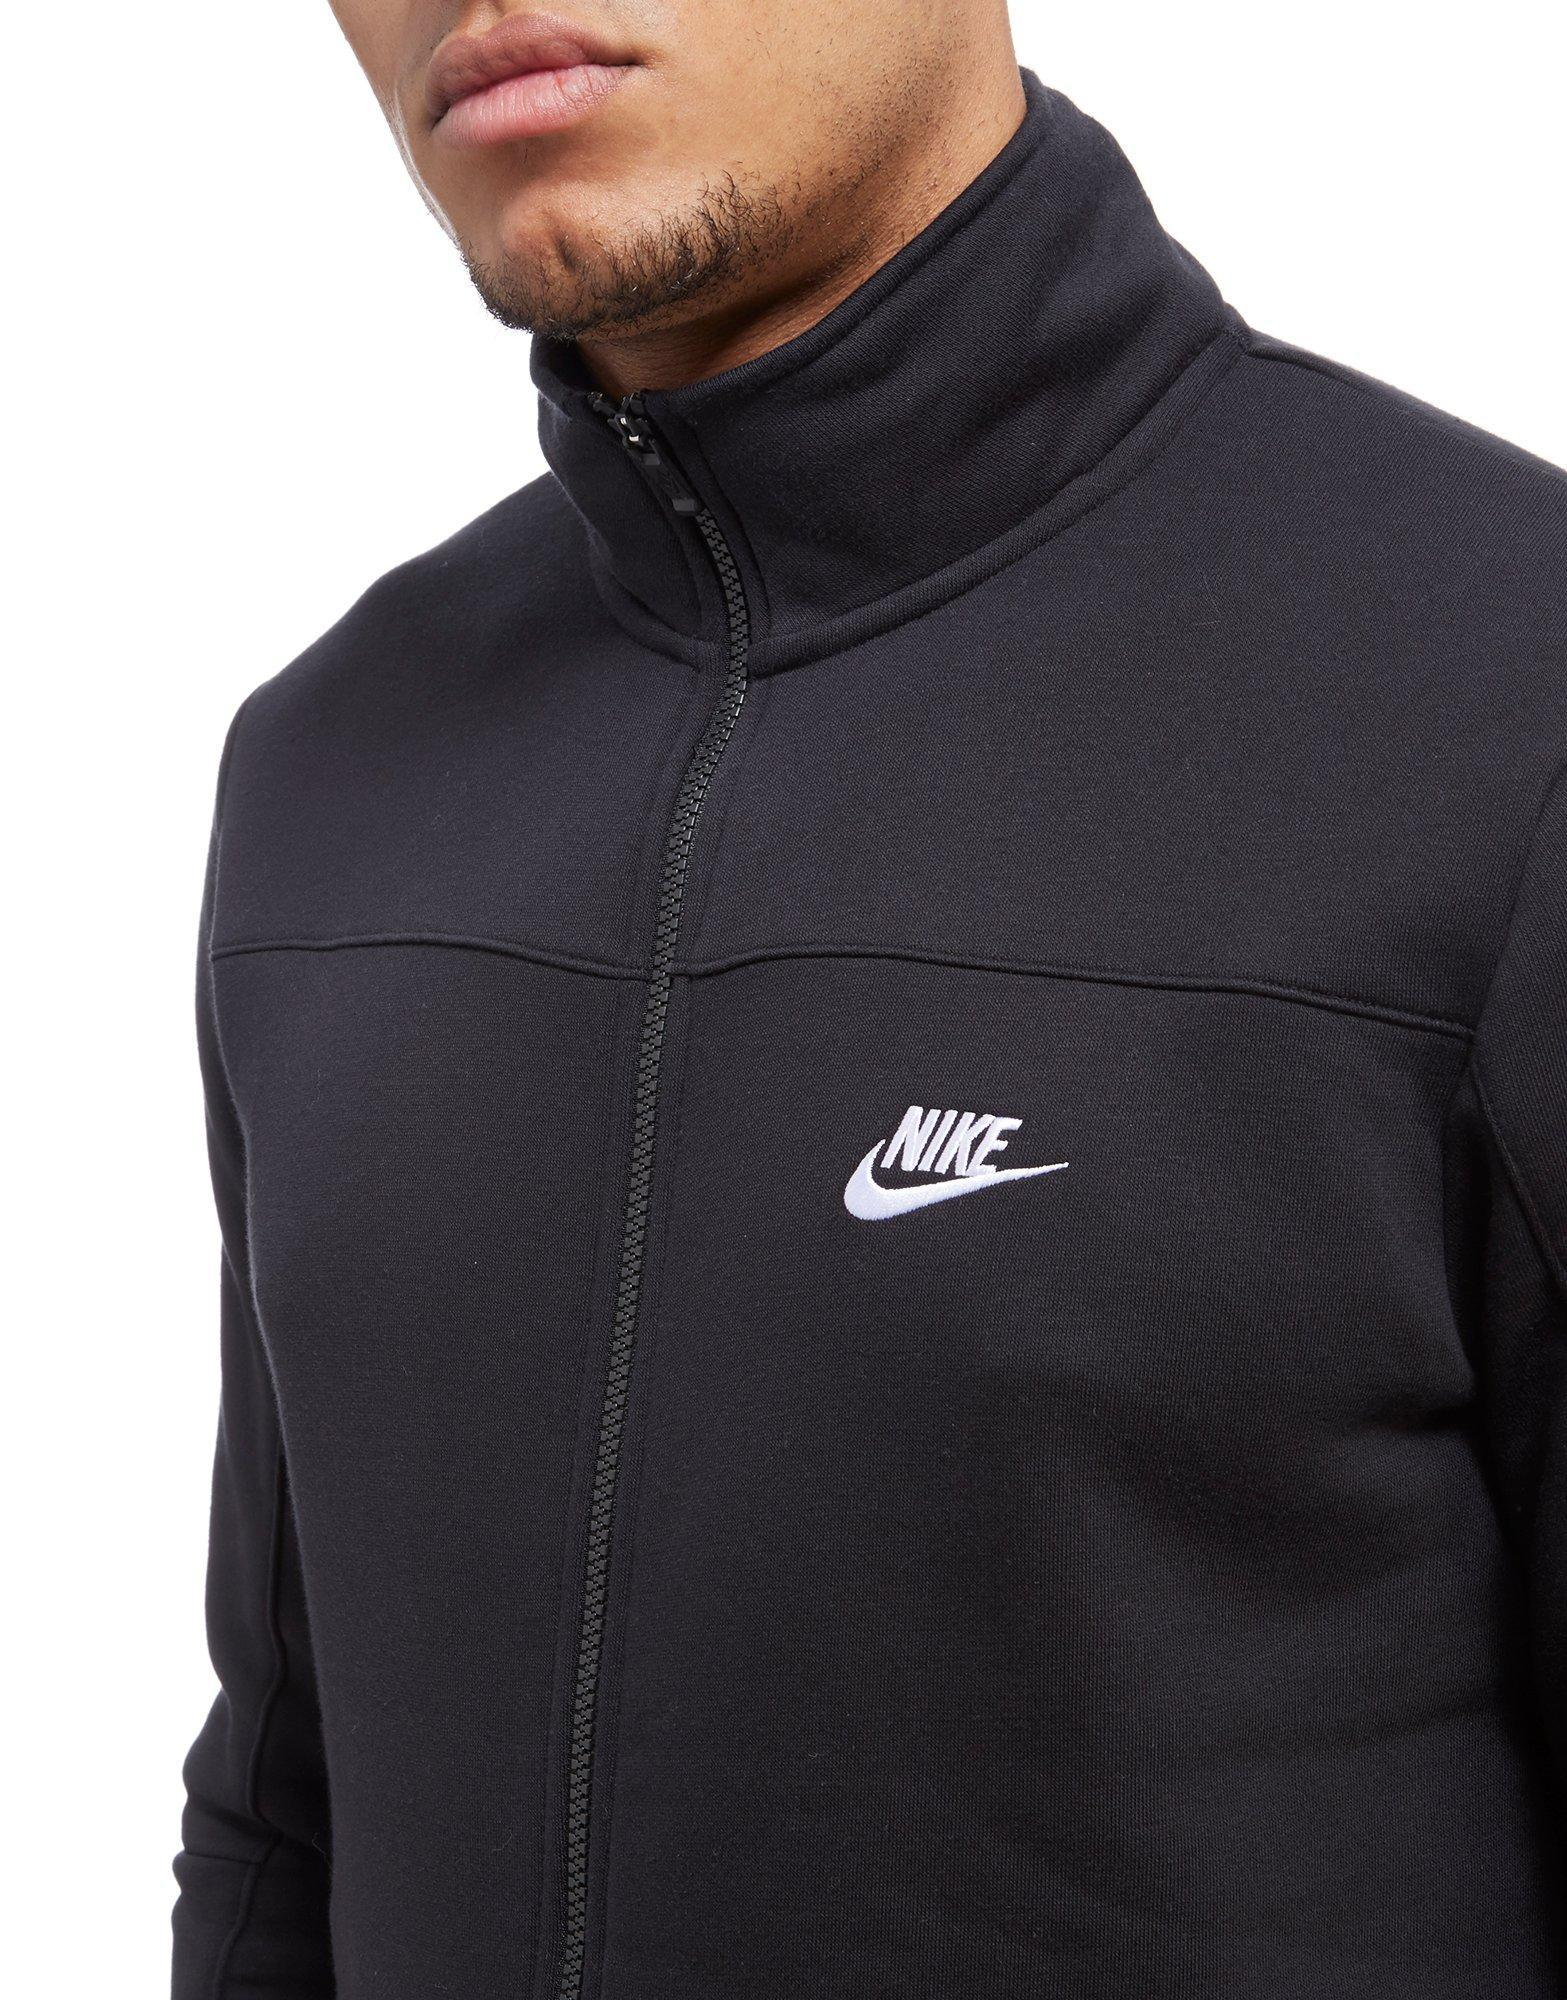 neu authentisch Wählen Sie für offizielle preisreduziert Nike Black Season 2 Fleece Tracksuit for men